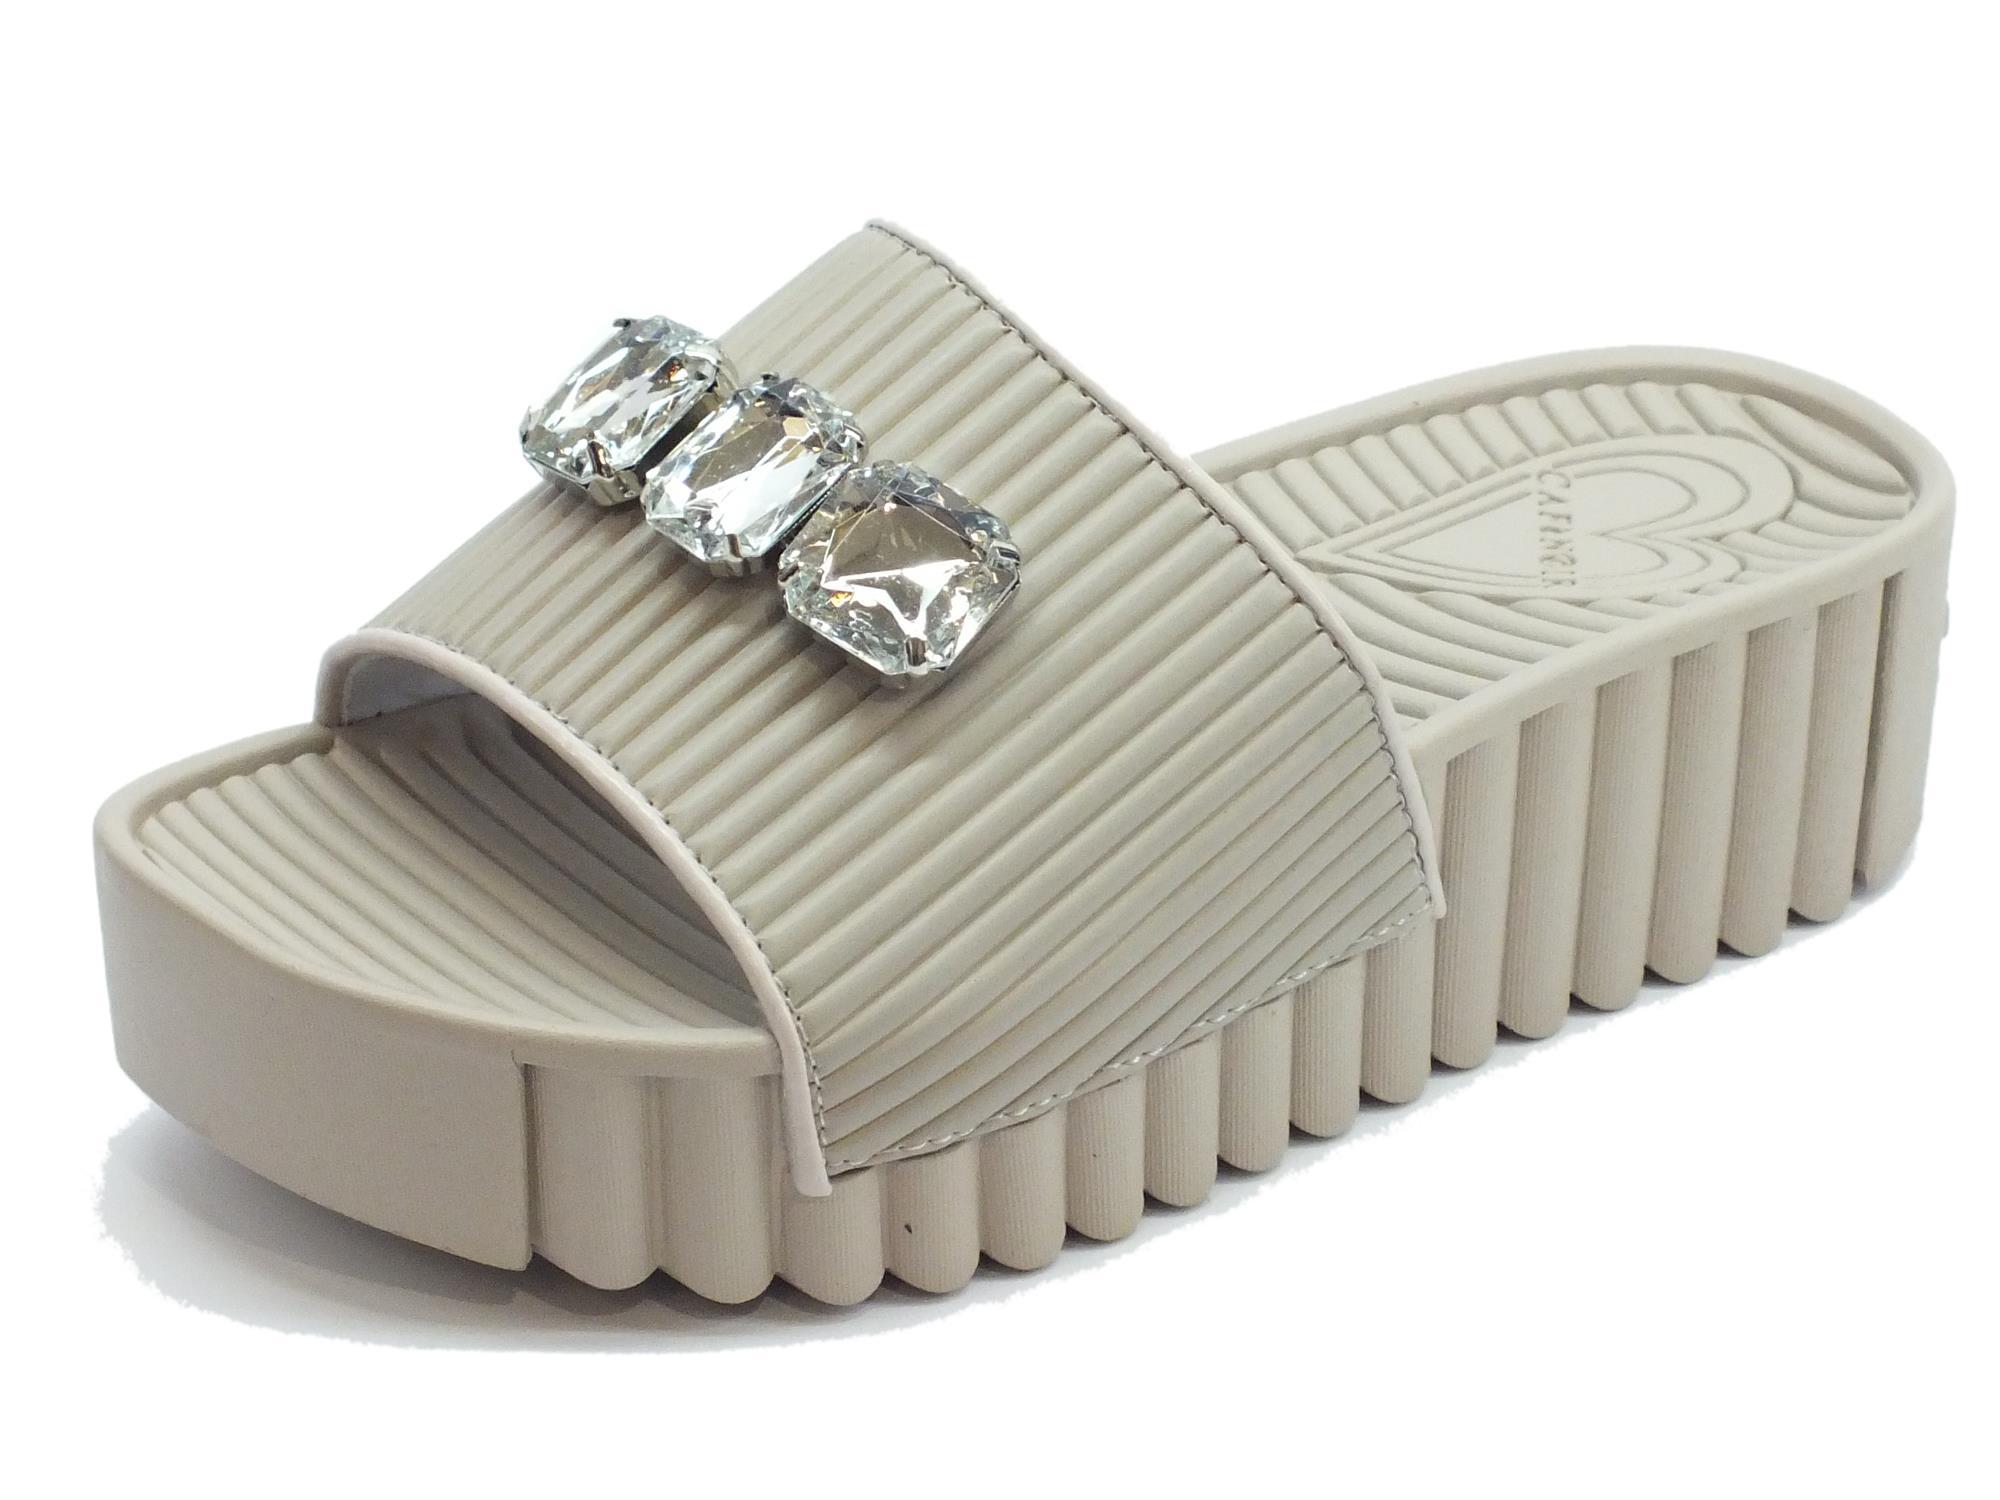 vera qualità fama mondiale promozione Ciabatte CafèNoir donna gomma perla zeppa alta - Vitiello Calzature